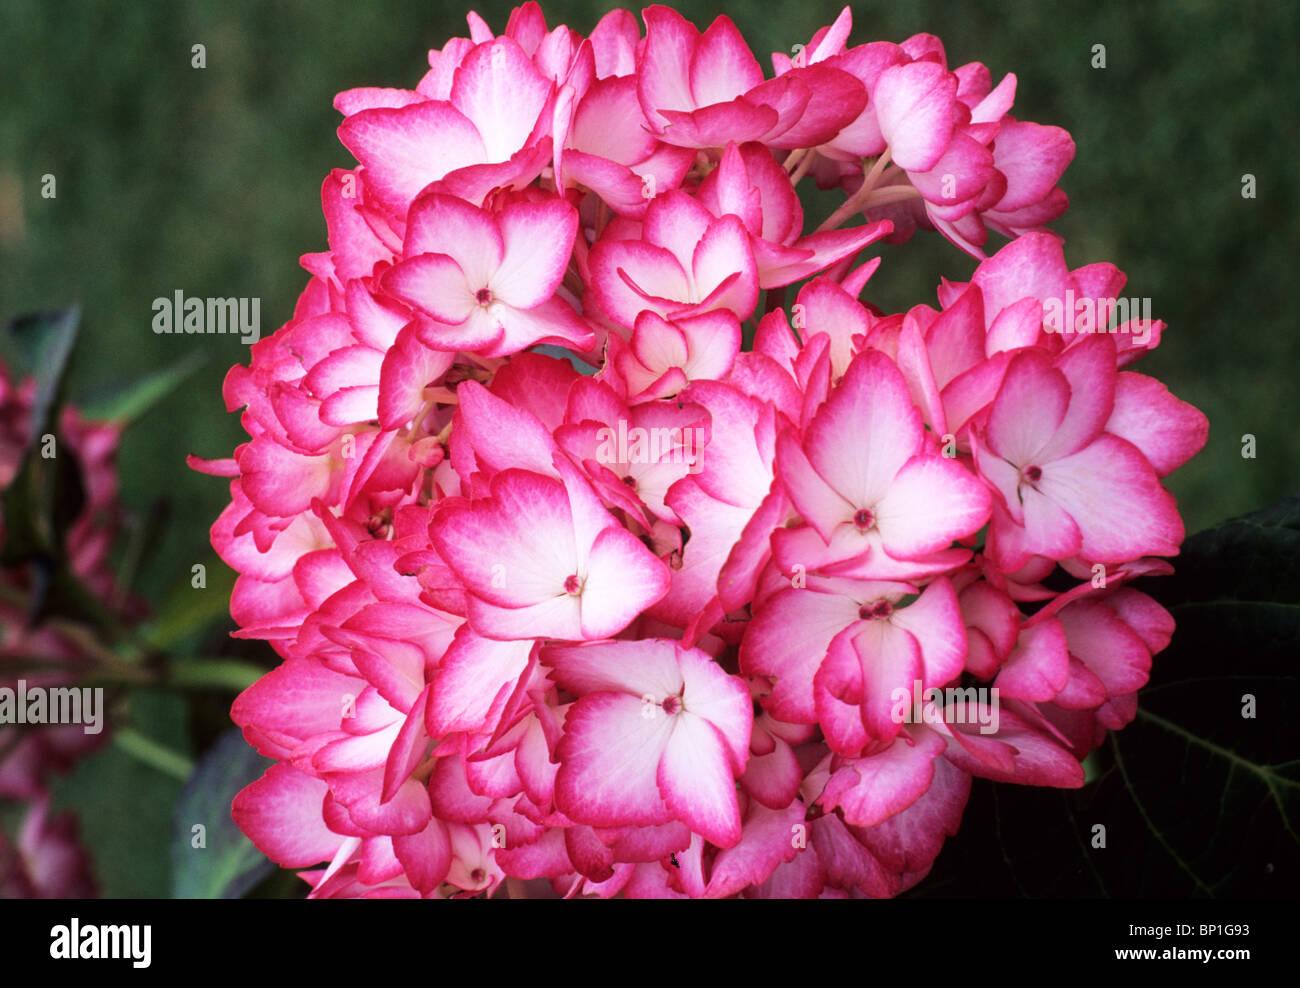 Hydrangea Serrata Mira Red Pink Flower Flowers Garden Plant Plants